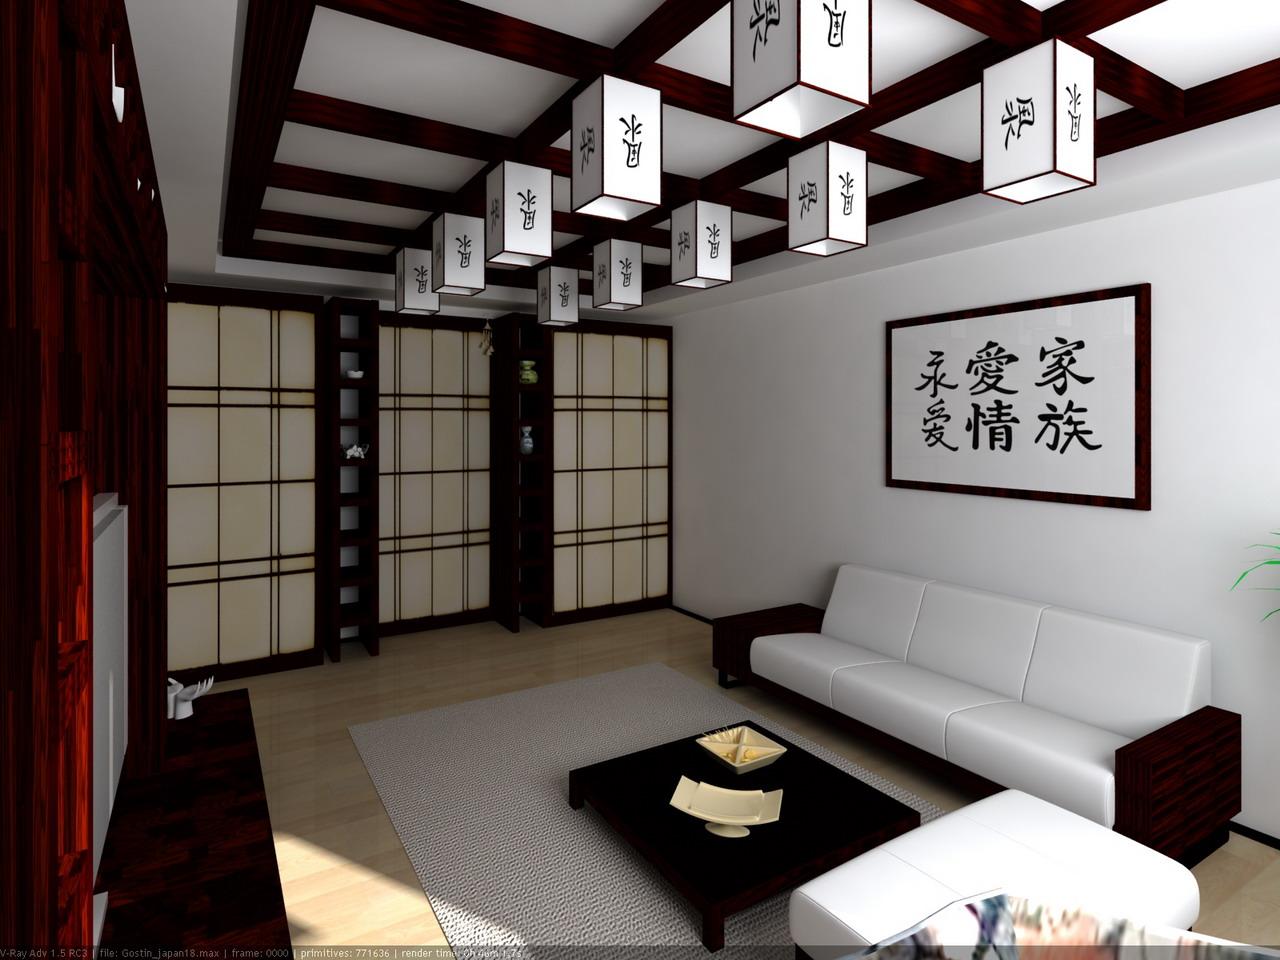 Como usar decora o oriental clique arquitetura seu - Decor oriental design interieur luxe antonovich ...